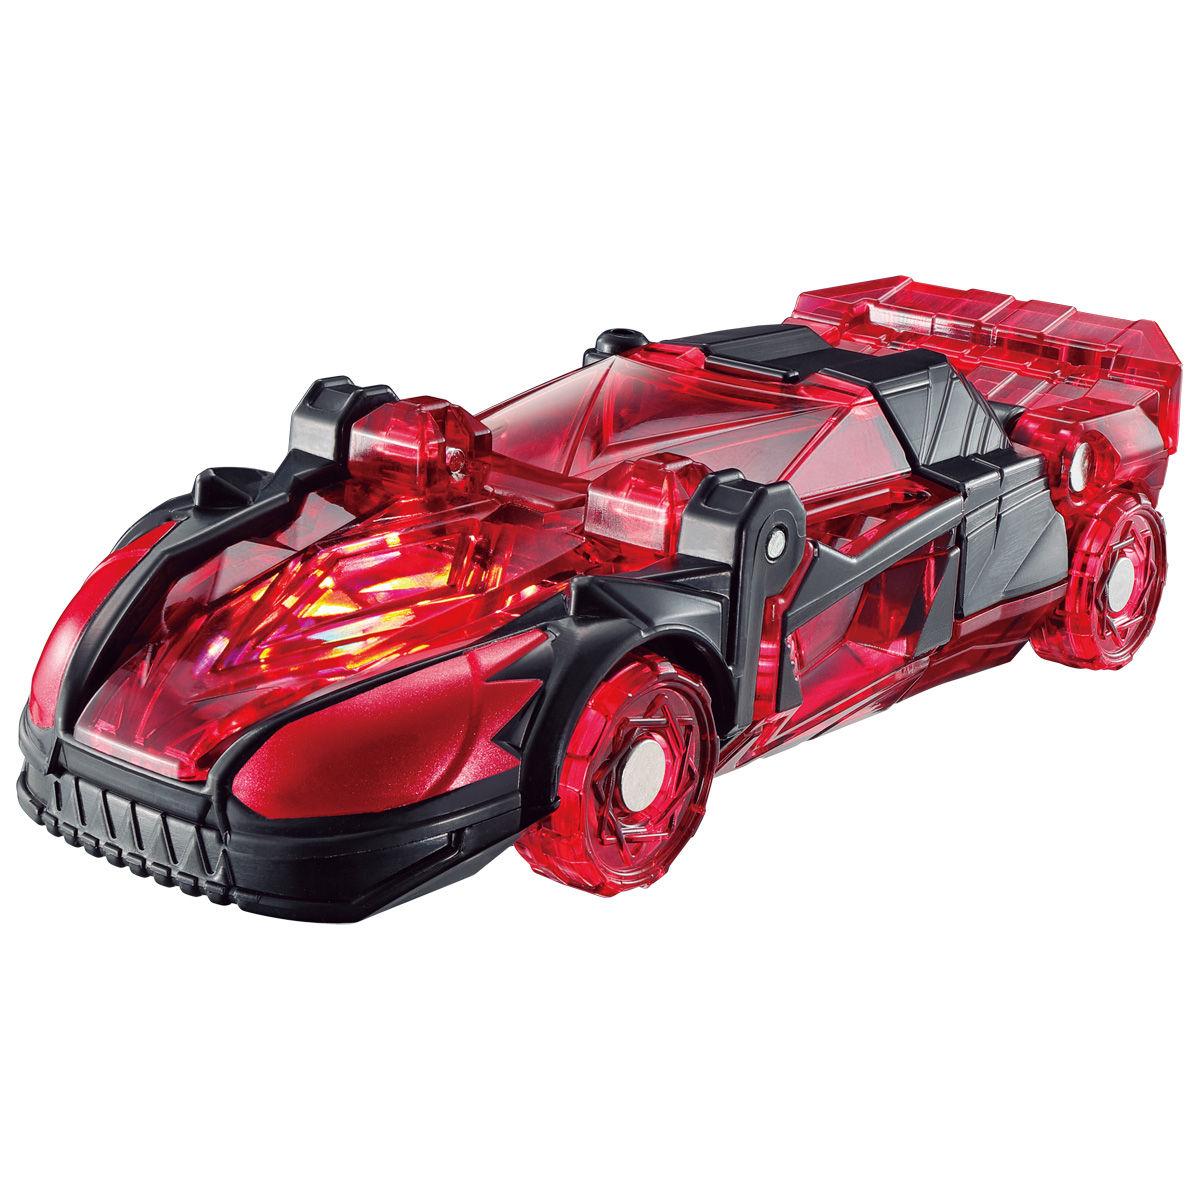 【限定販売】キラメイジャー ロボシリーズ01『魔進合体 赤いスポーツカー魔進』可変可動フィギュア-002